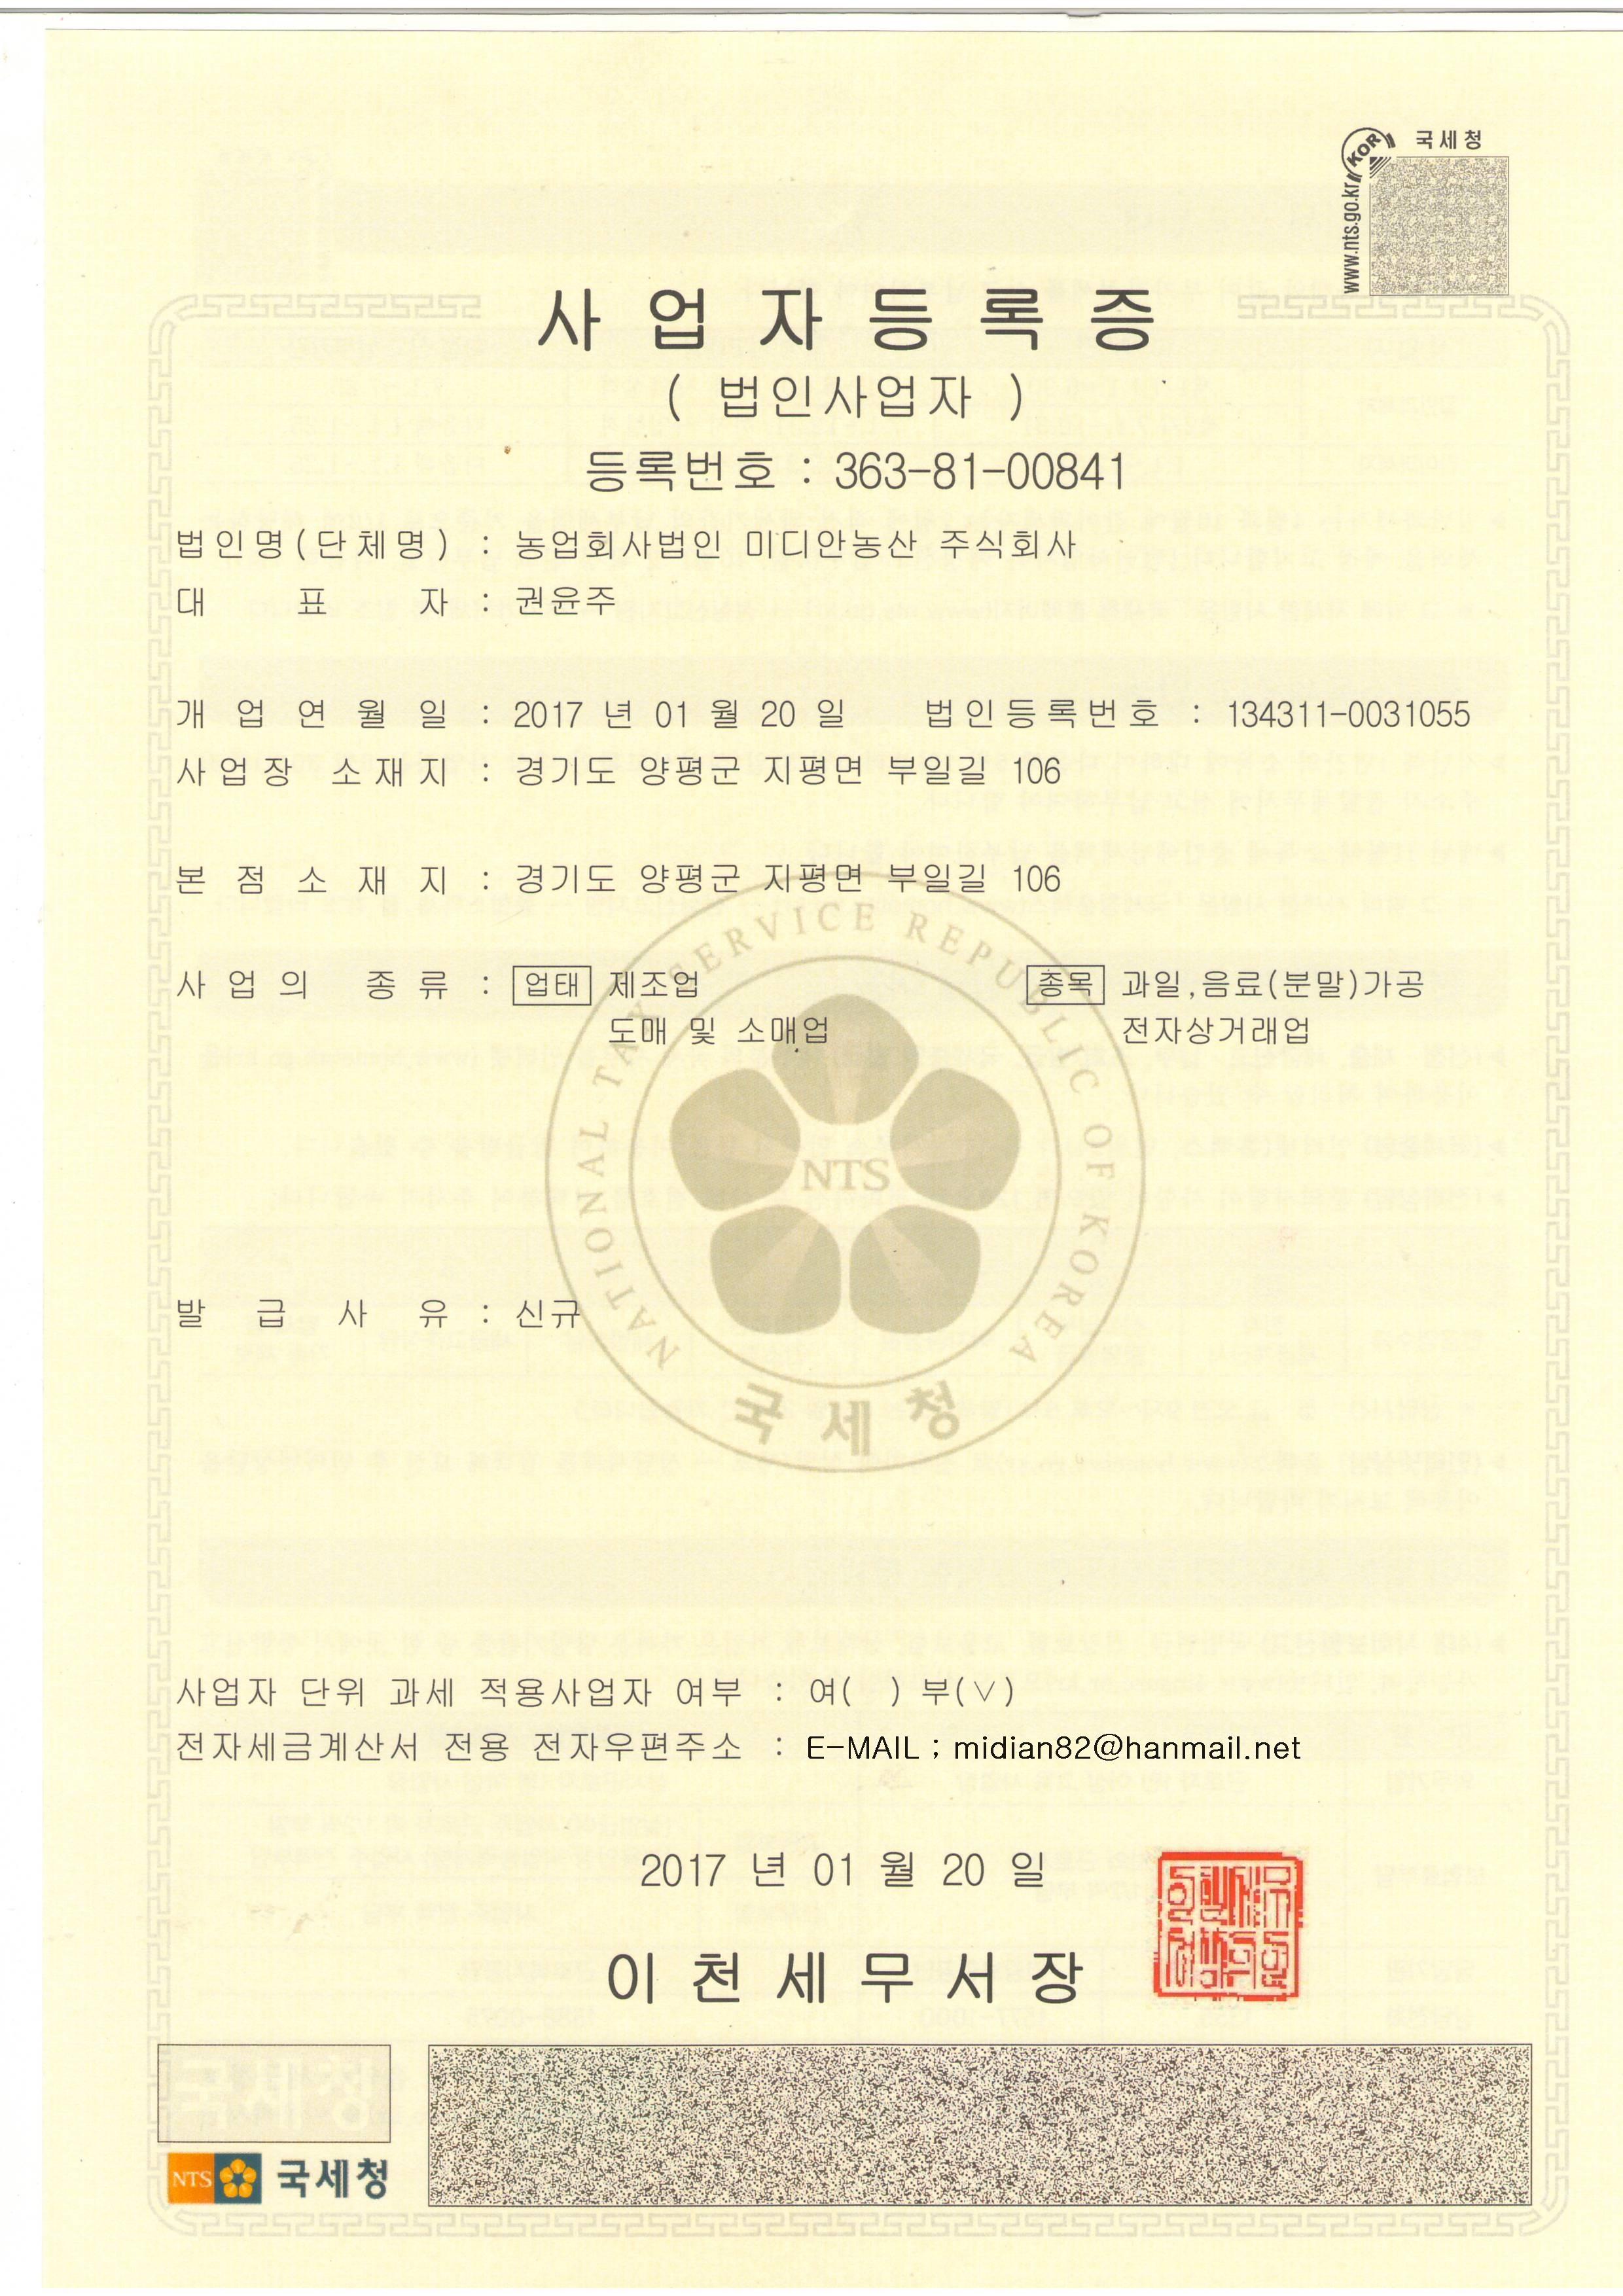 법인사업자등록증.JPG